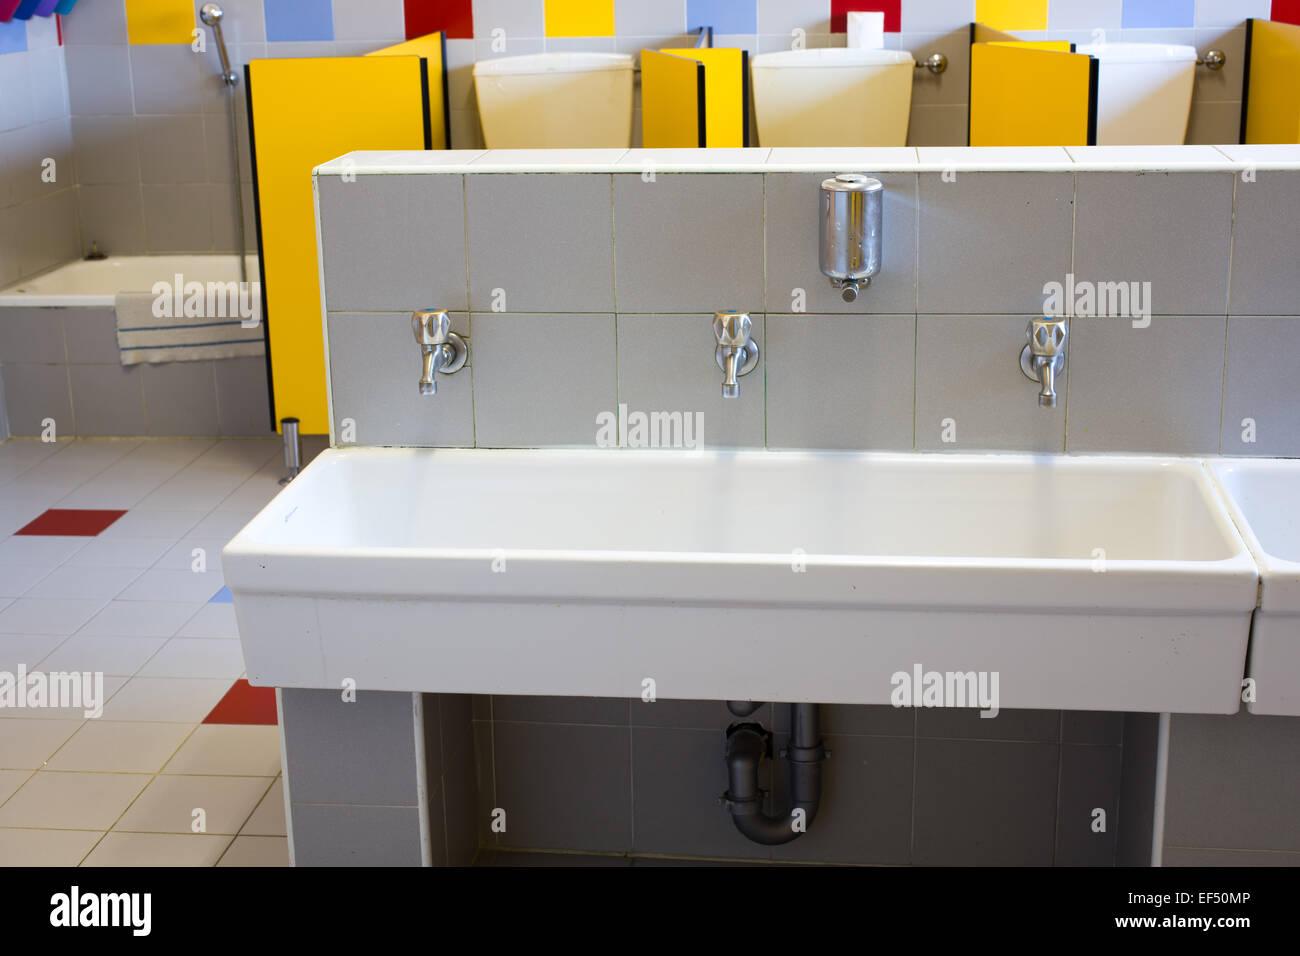 Stanze Da Bagno Piccole : Piccole stanze da bagno di una scuola per bambini con bassa lavelli